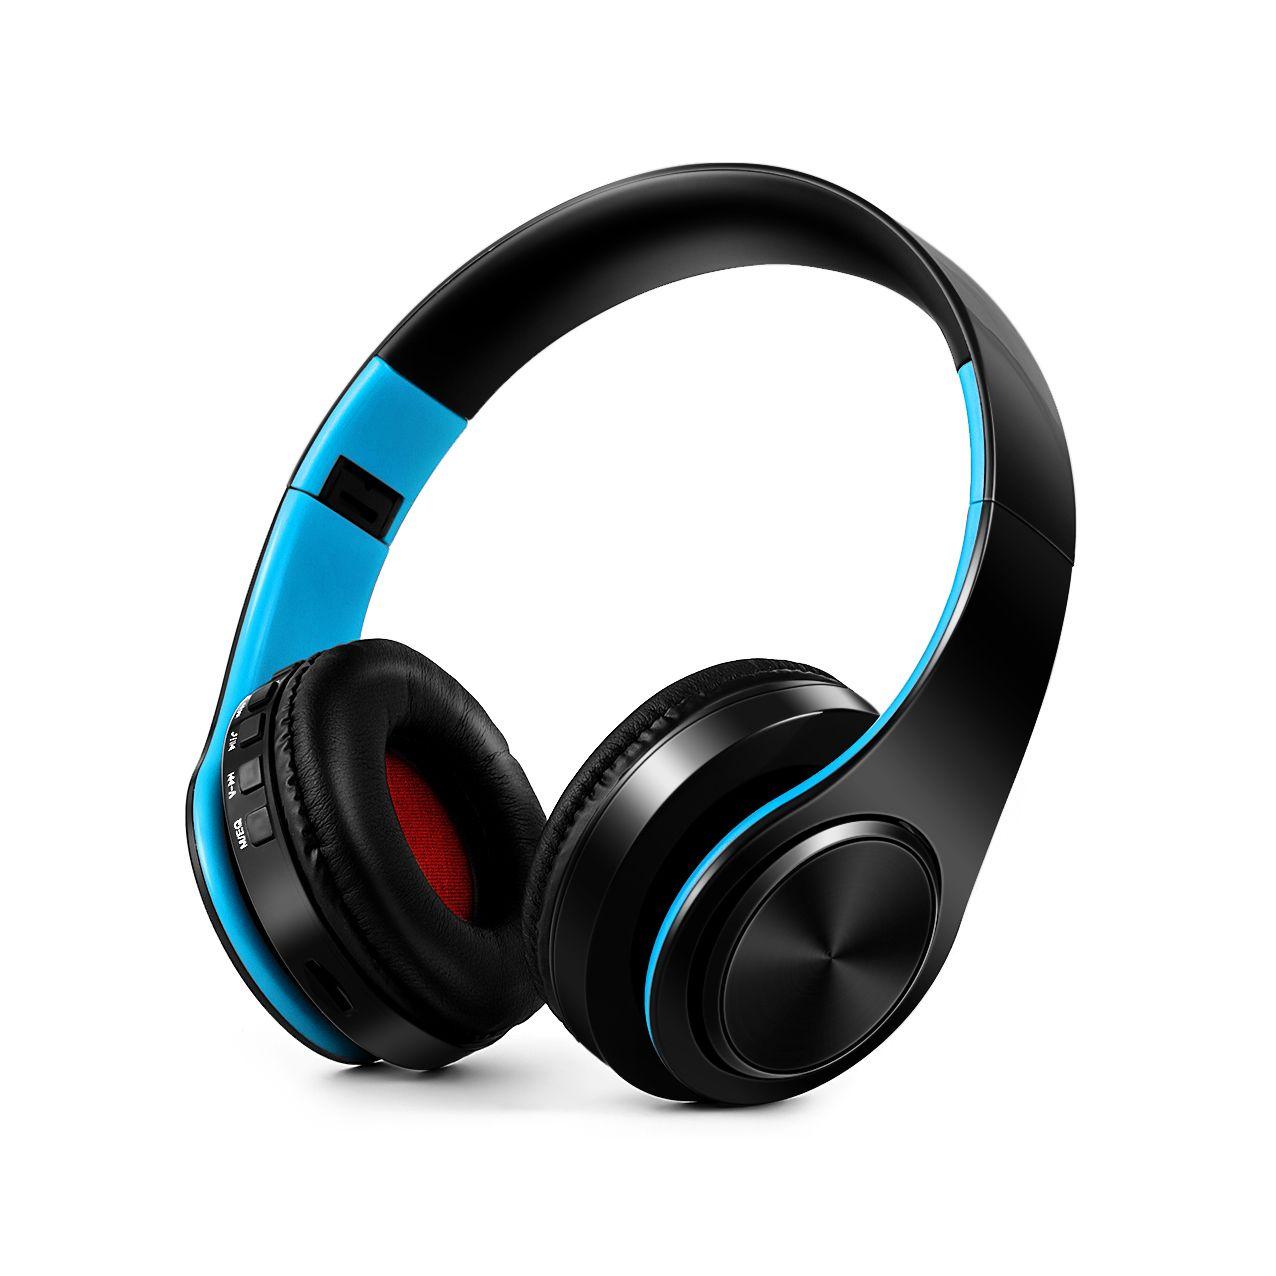 EASYIDEA Bluetooth Écouteurs Sans Fil Stéréo Casques Sport Pliable Casque Supporte la carte SD Avec Micro Casque Pour Téléphone PC